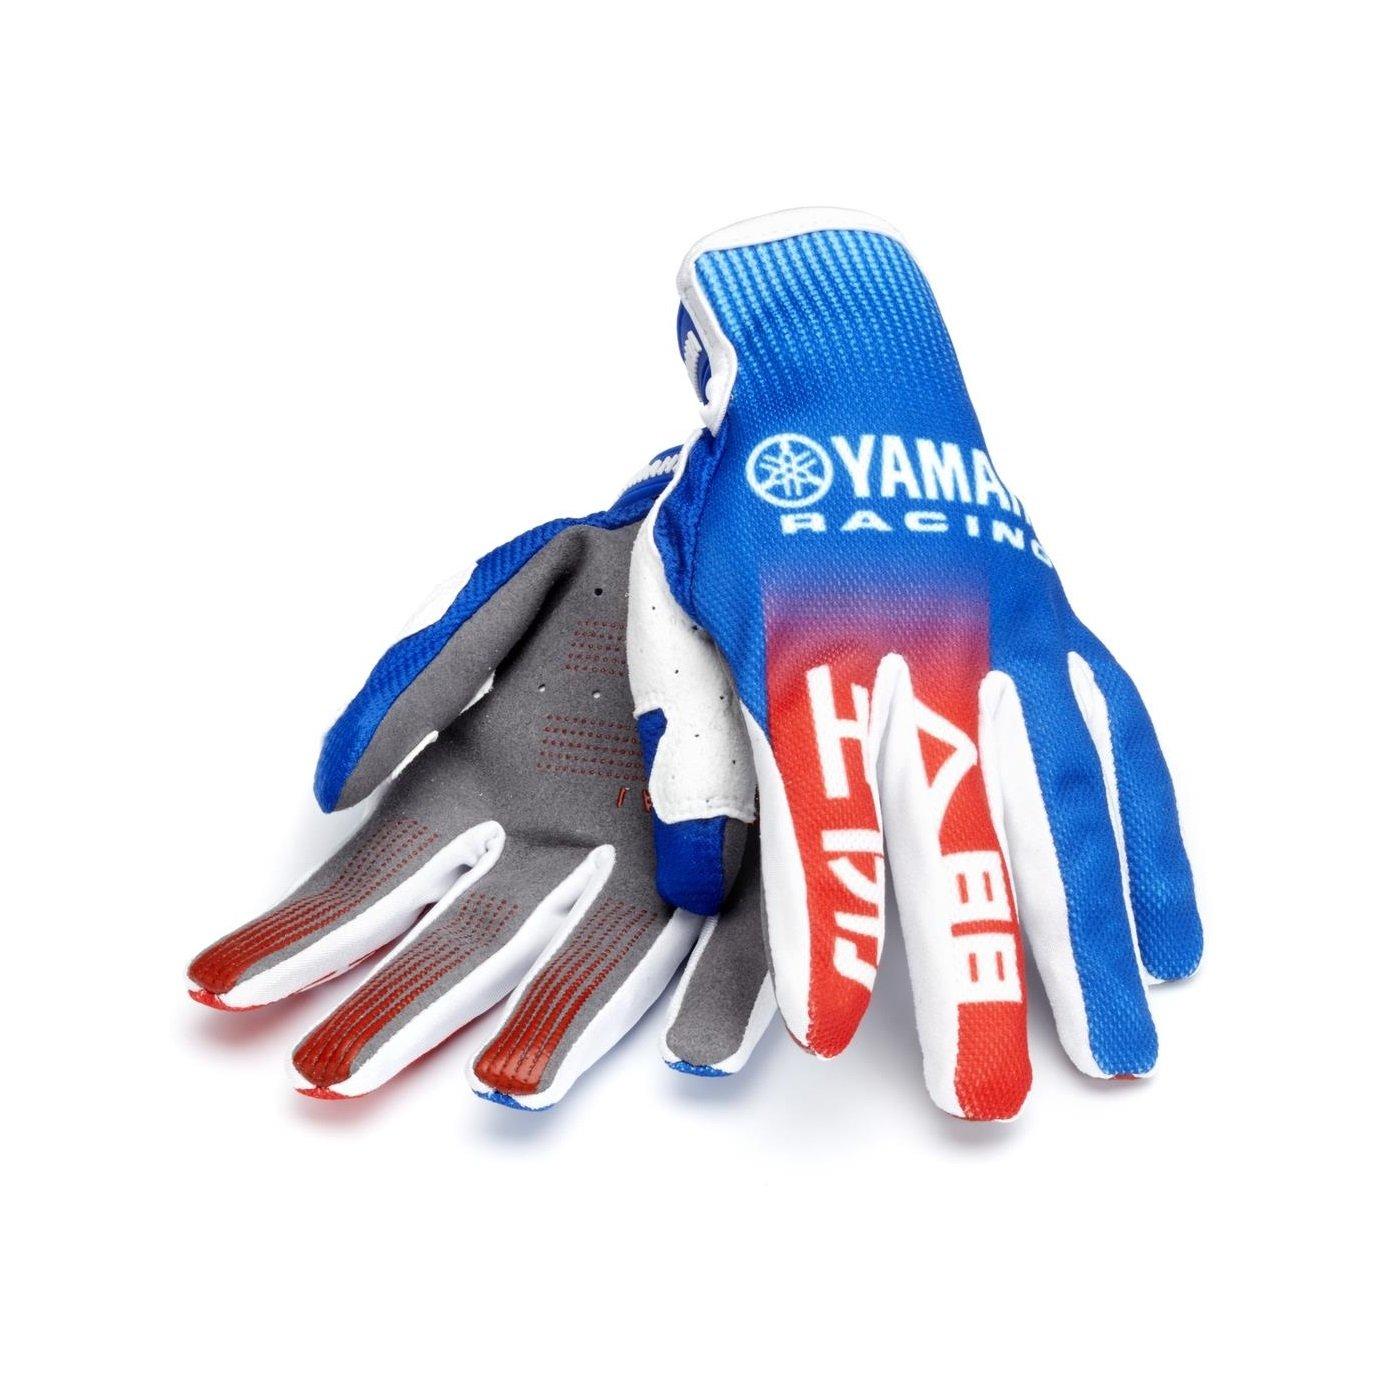 Yamaha Dětské rukavice MX Zenkai Riding modrá 11-12 let baf6ffdf5f